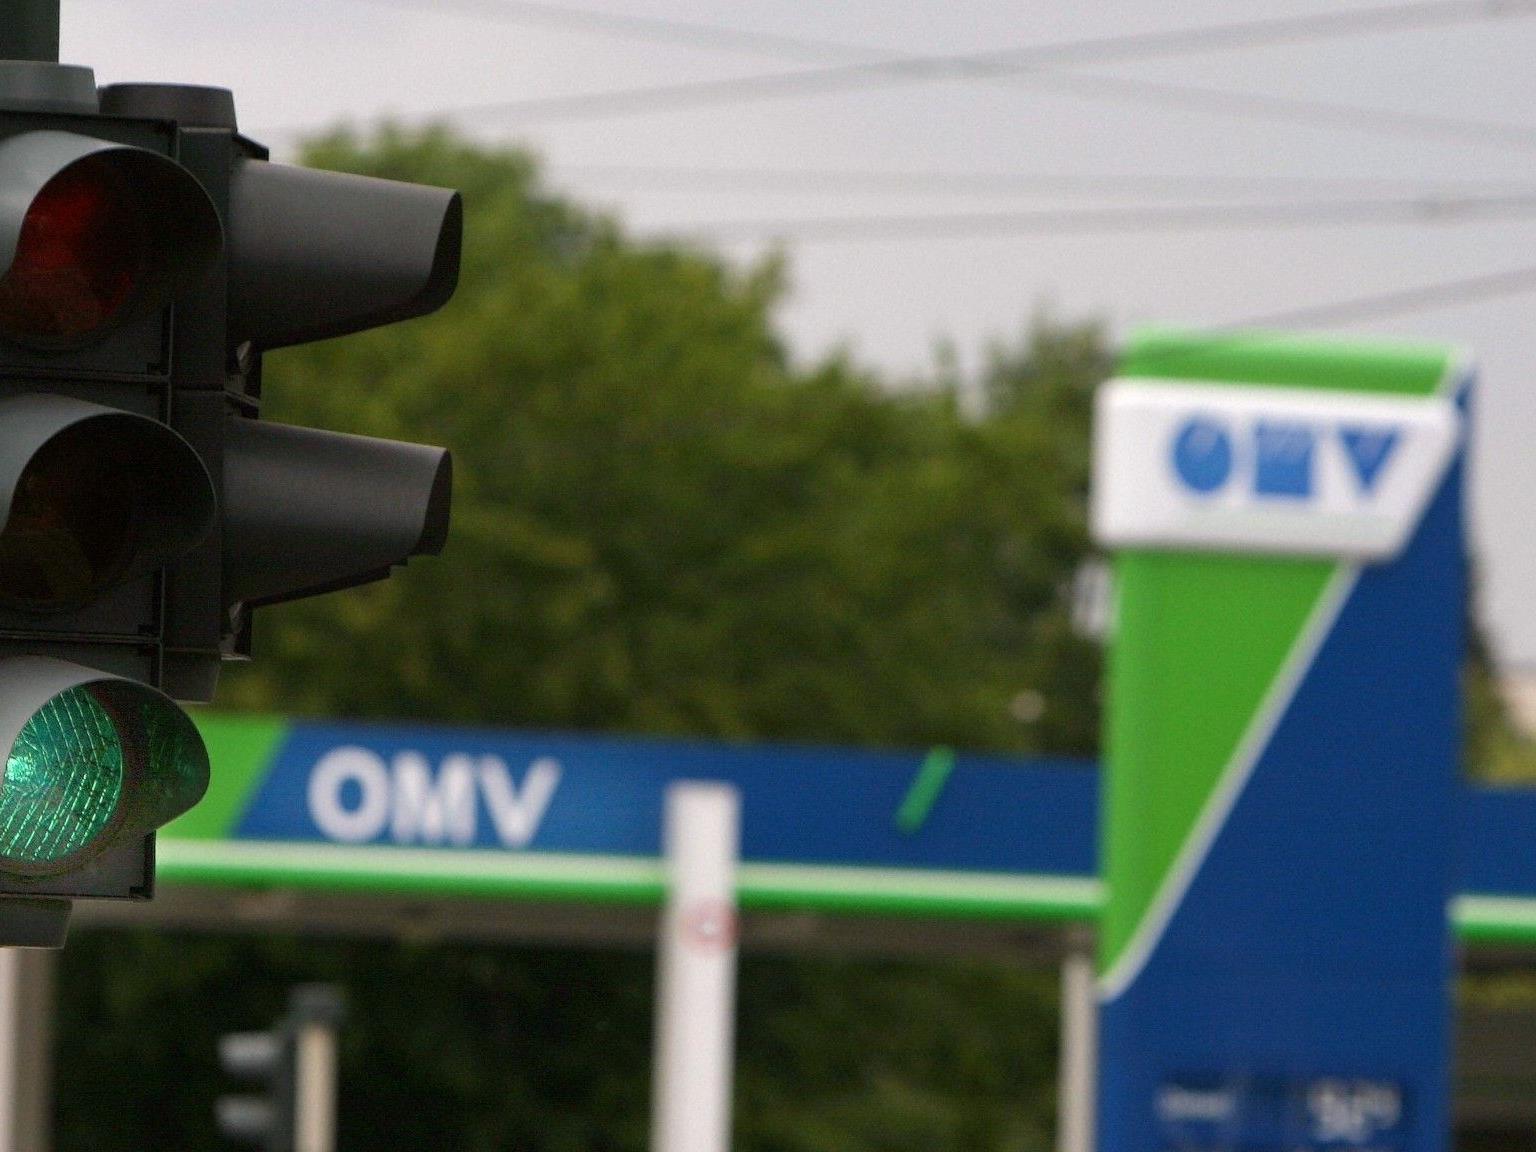 In der Nacht auf Freitag wurde die OMV-Tankstelle in Klosterneuburg überfallen.